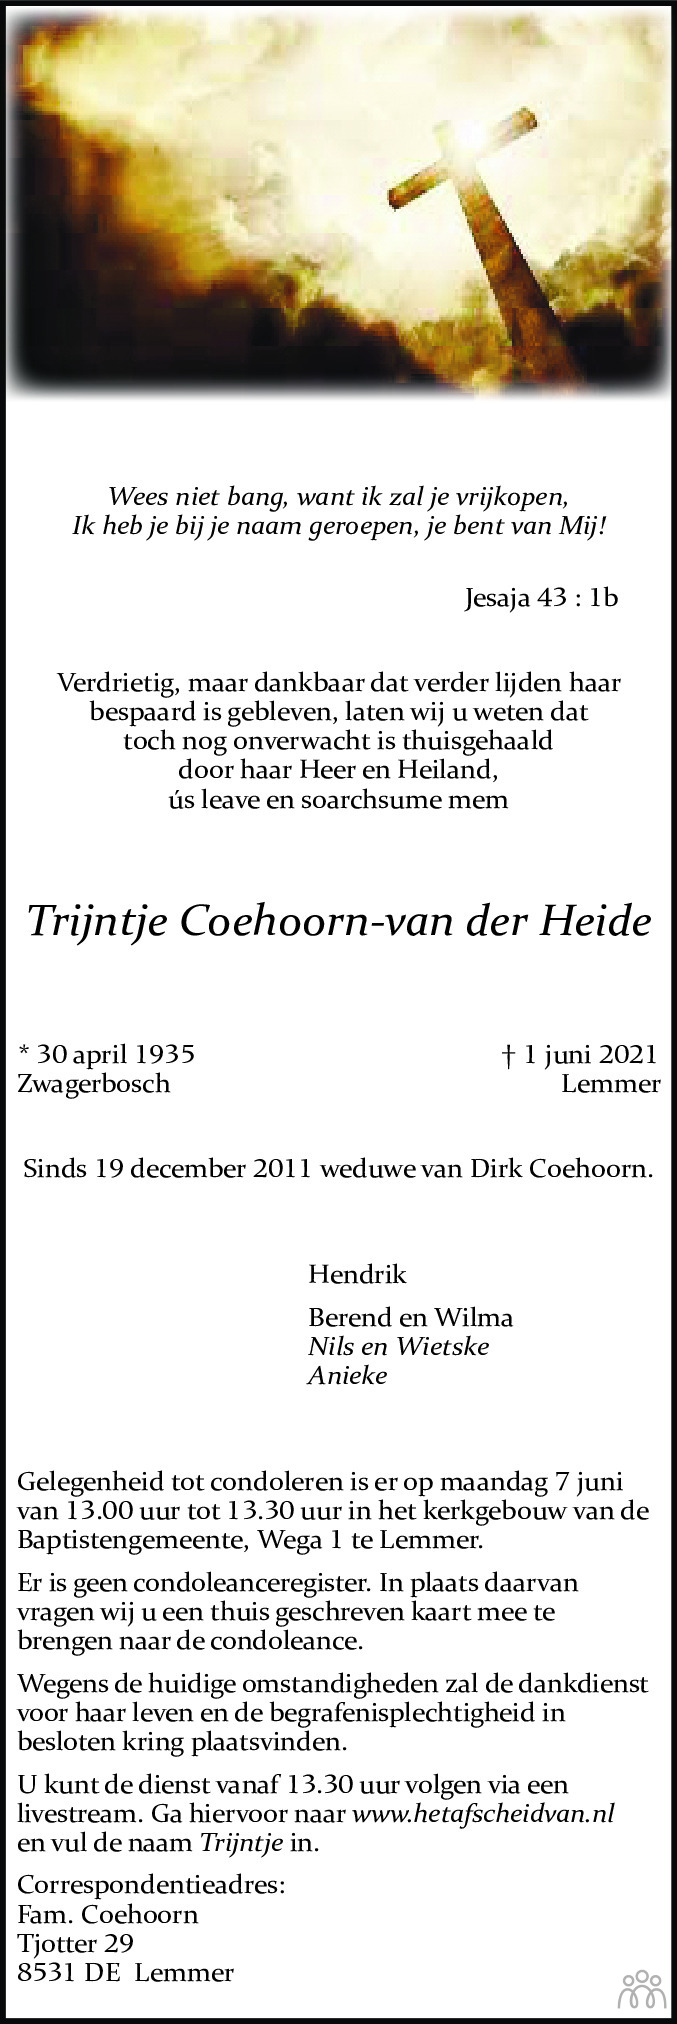 Overlijdensbericht van Trijntje Coehoorn-van der Heide in Jouster Courant Zuid Friesland